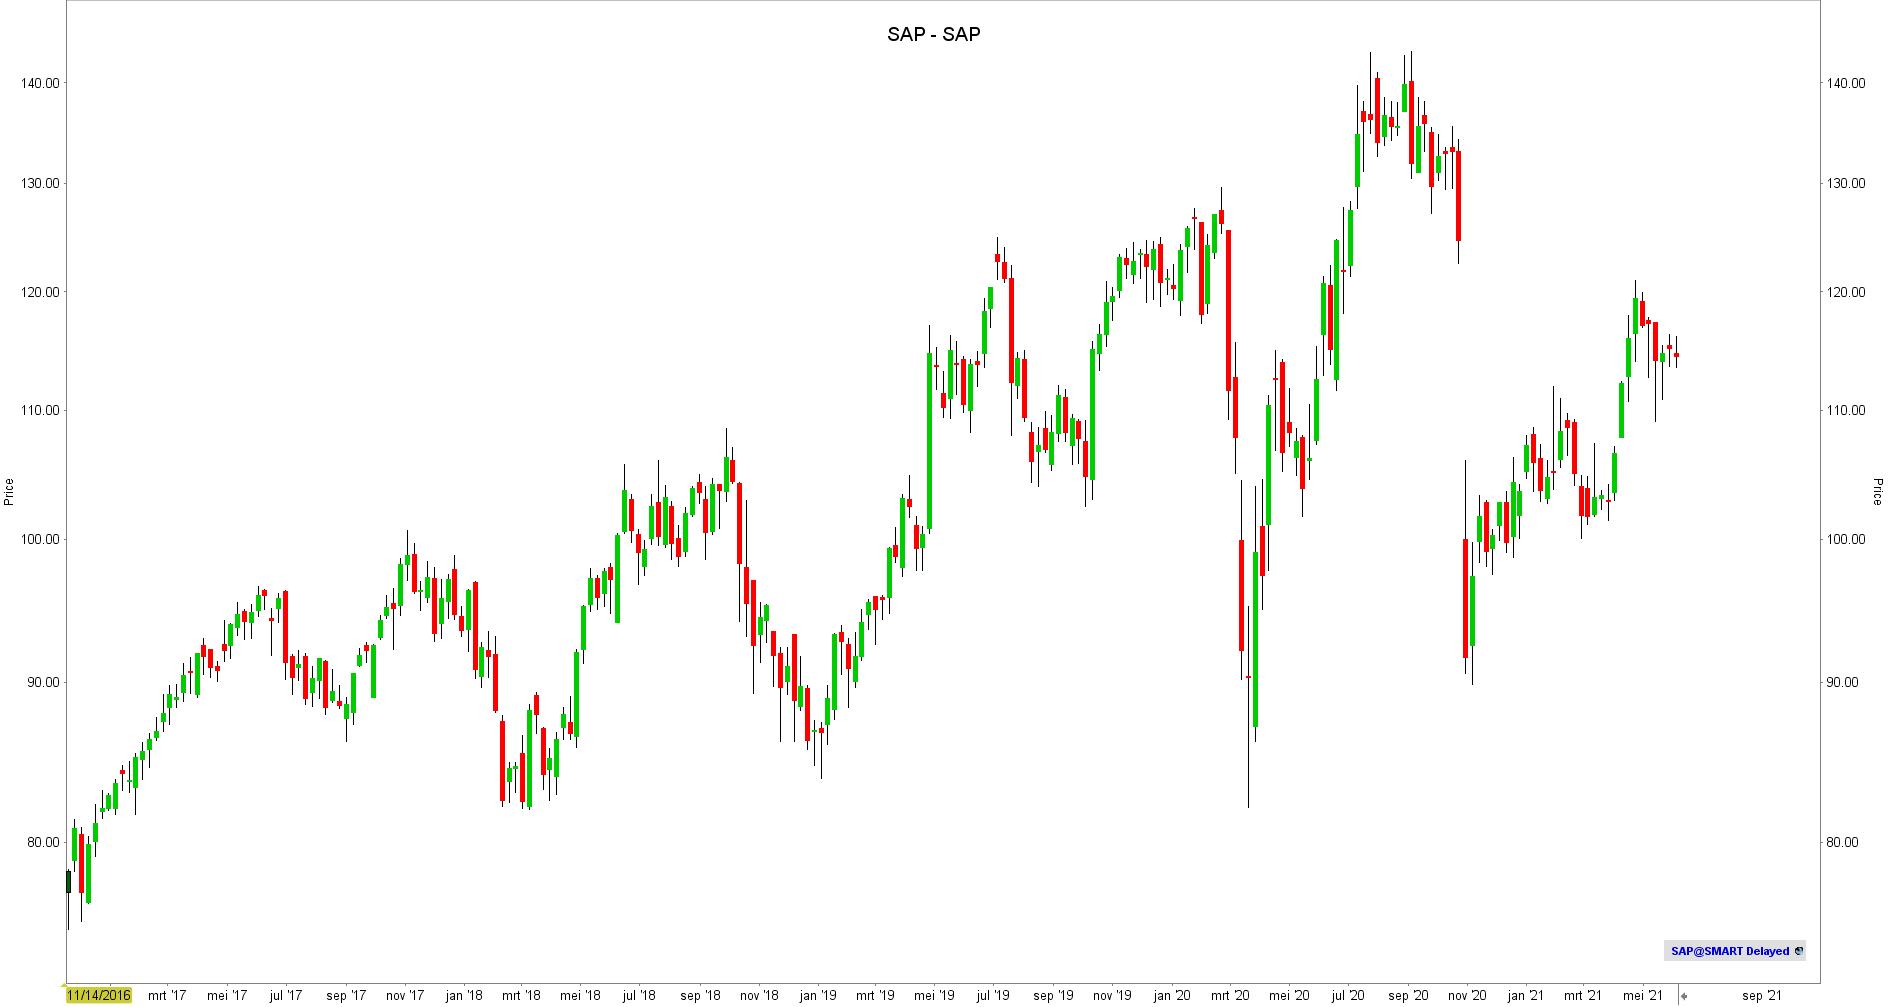 Aandeel SAP - Koers